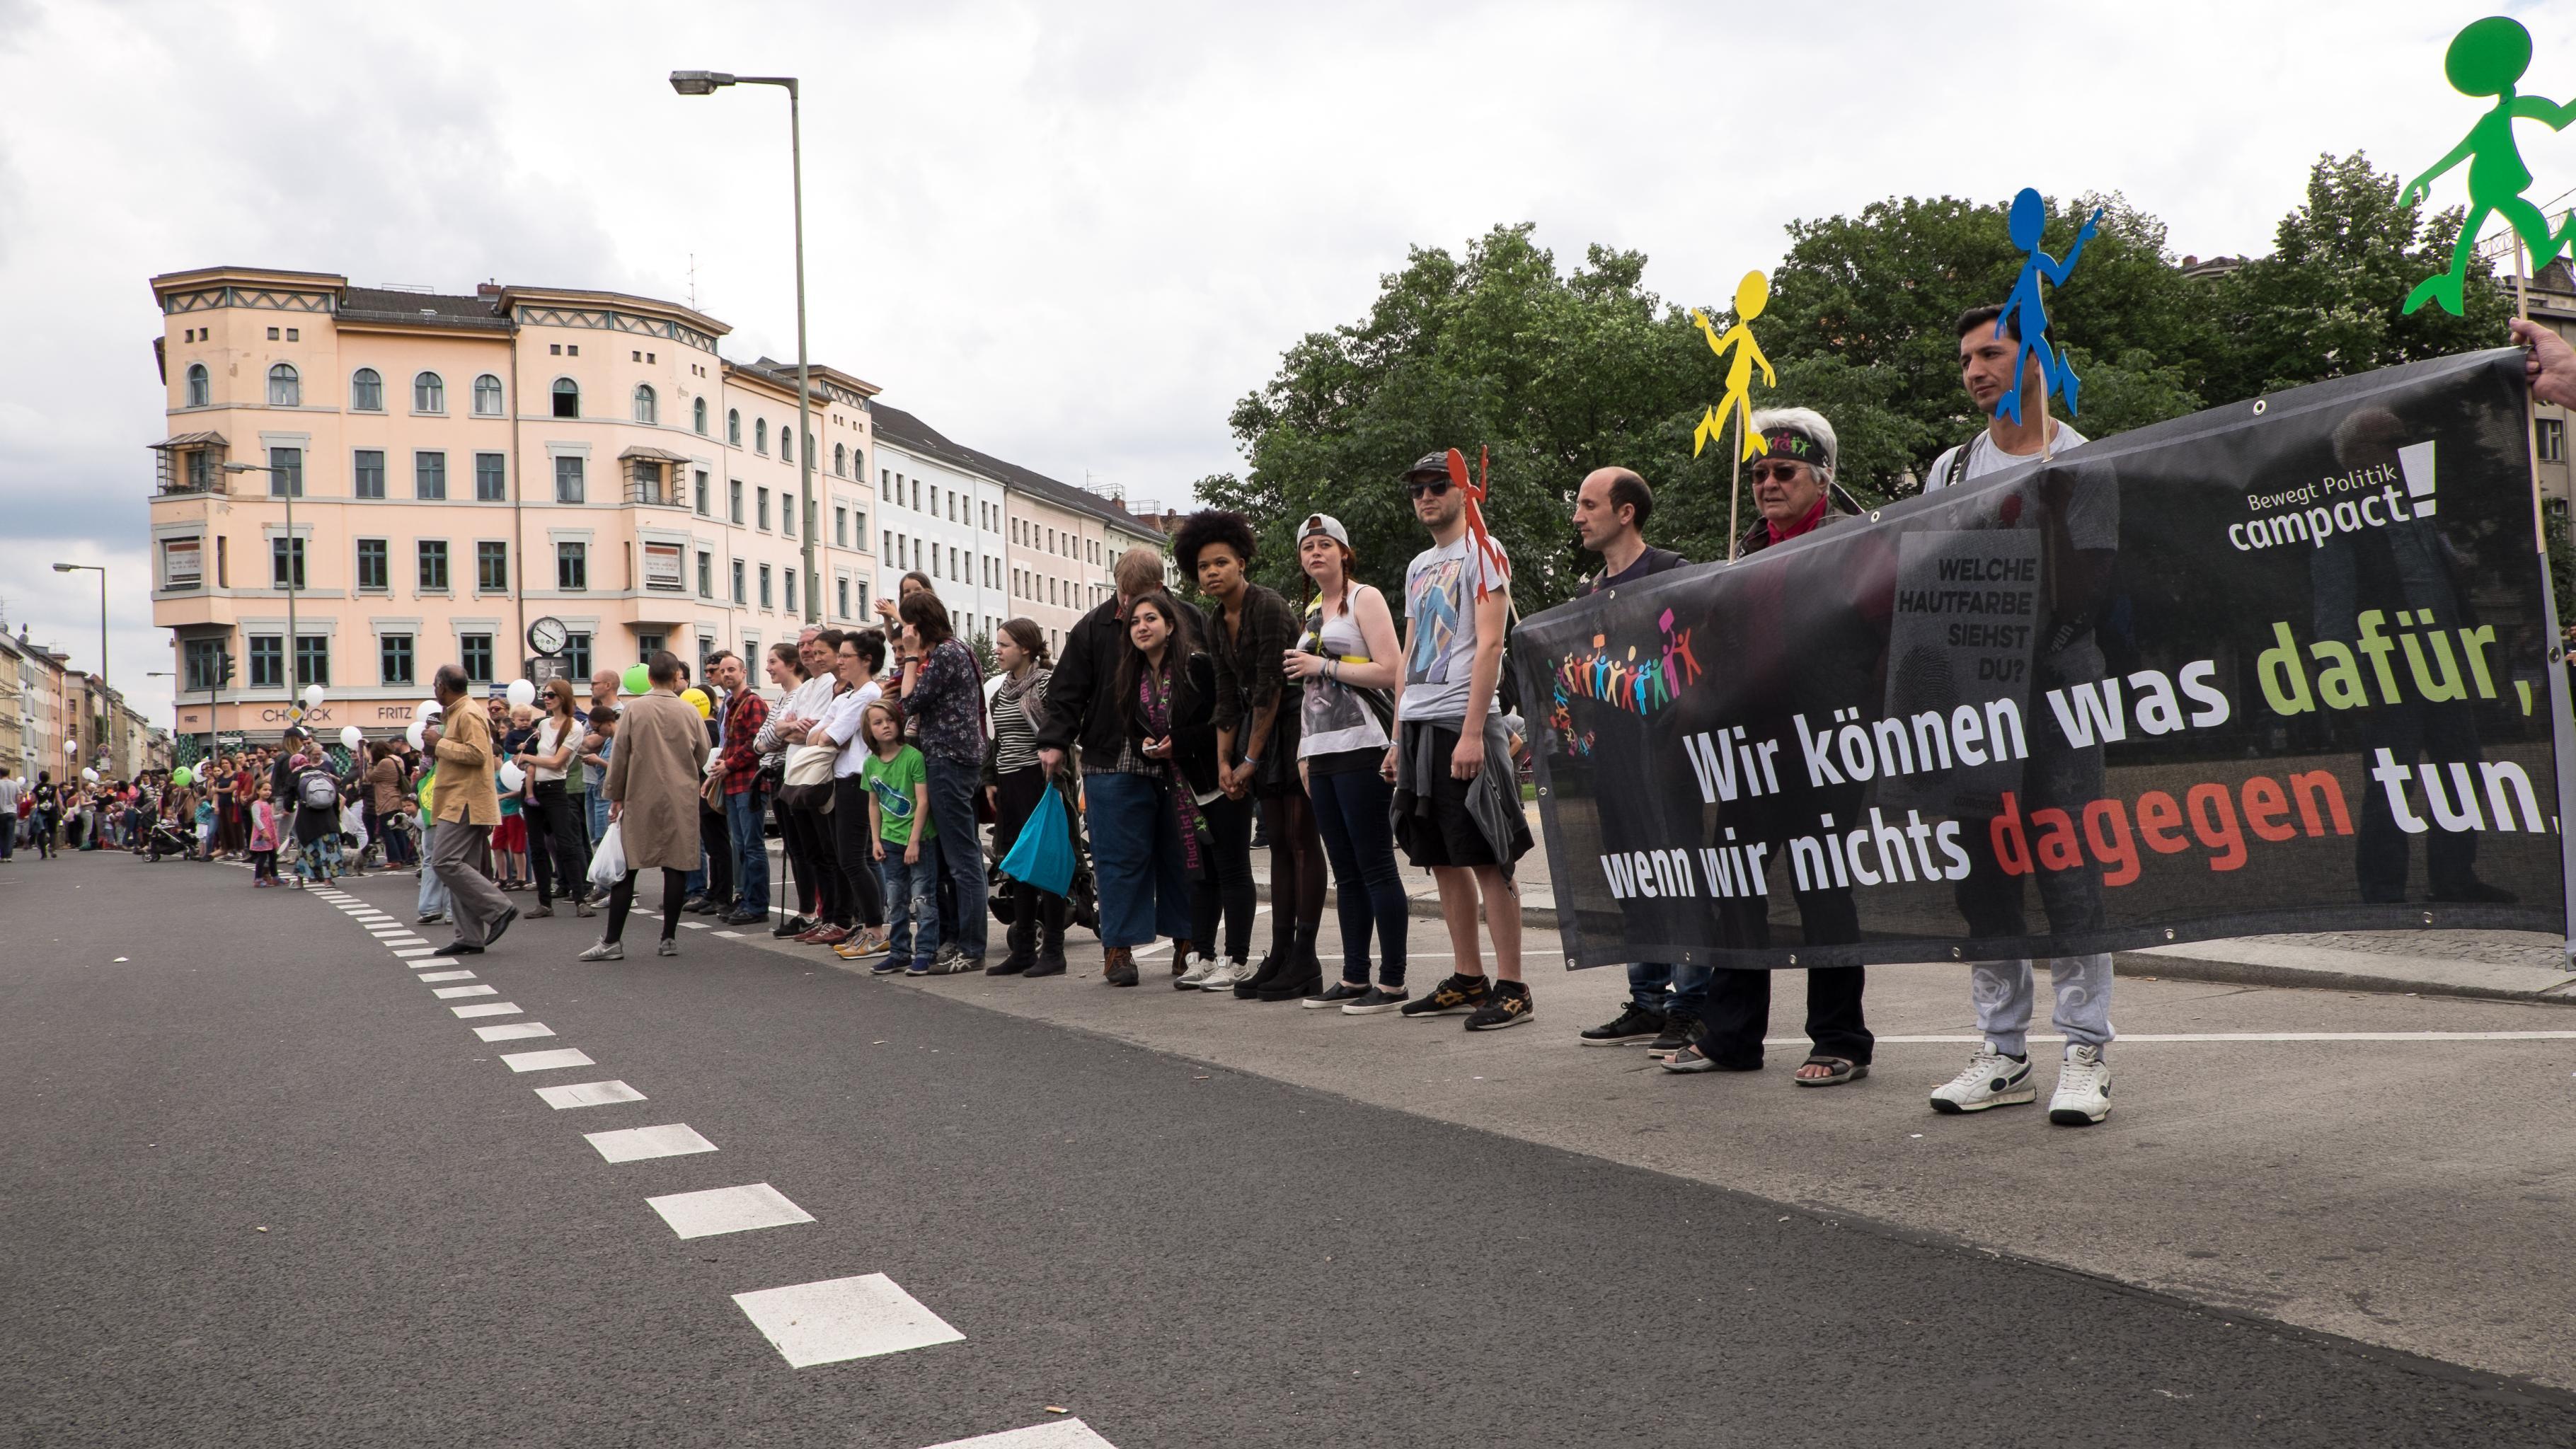 Eindrücke von der Menschenkette in Berlin.